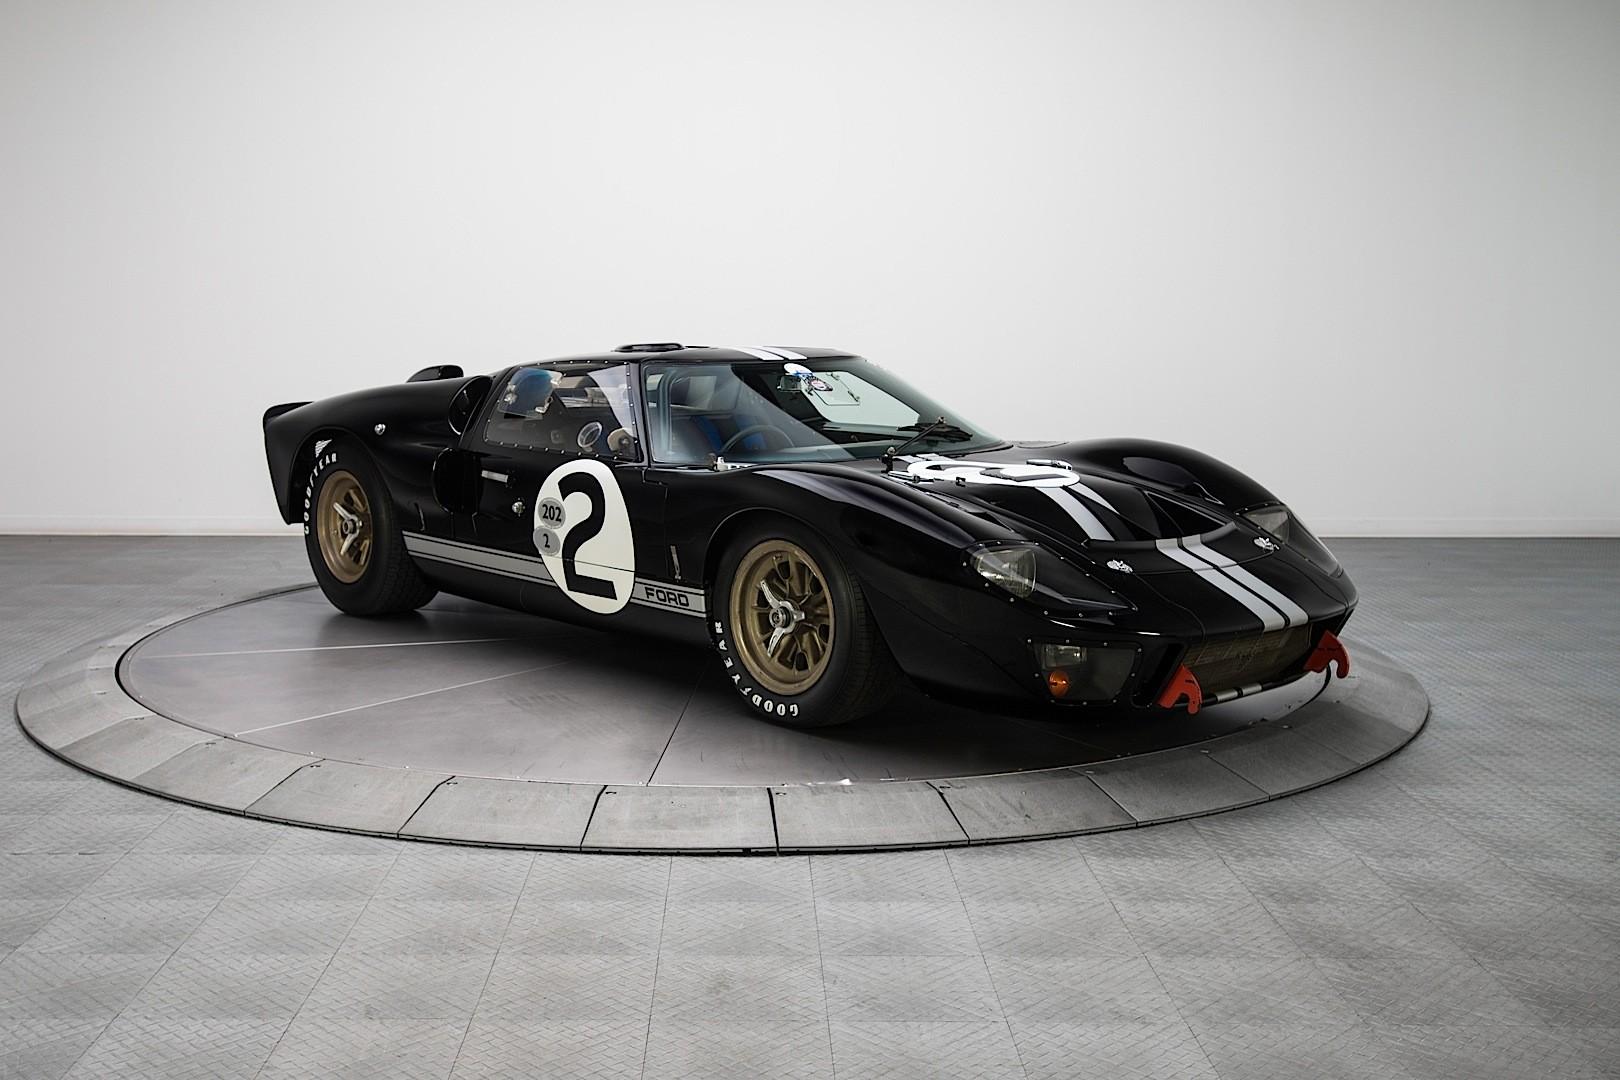 Ford GT40 P/1046 Ford GT40 P/1046 ... & Ford GT40 P/1046 (1966 Le Mans Winner) to Enter 20-Month ... markmcfarlin.com